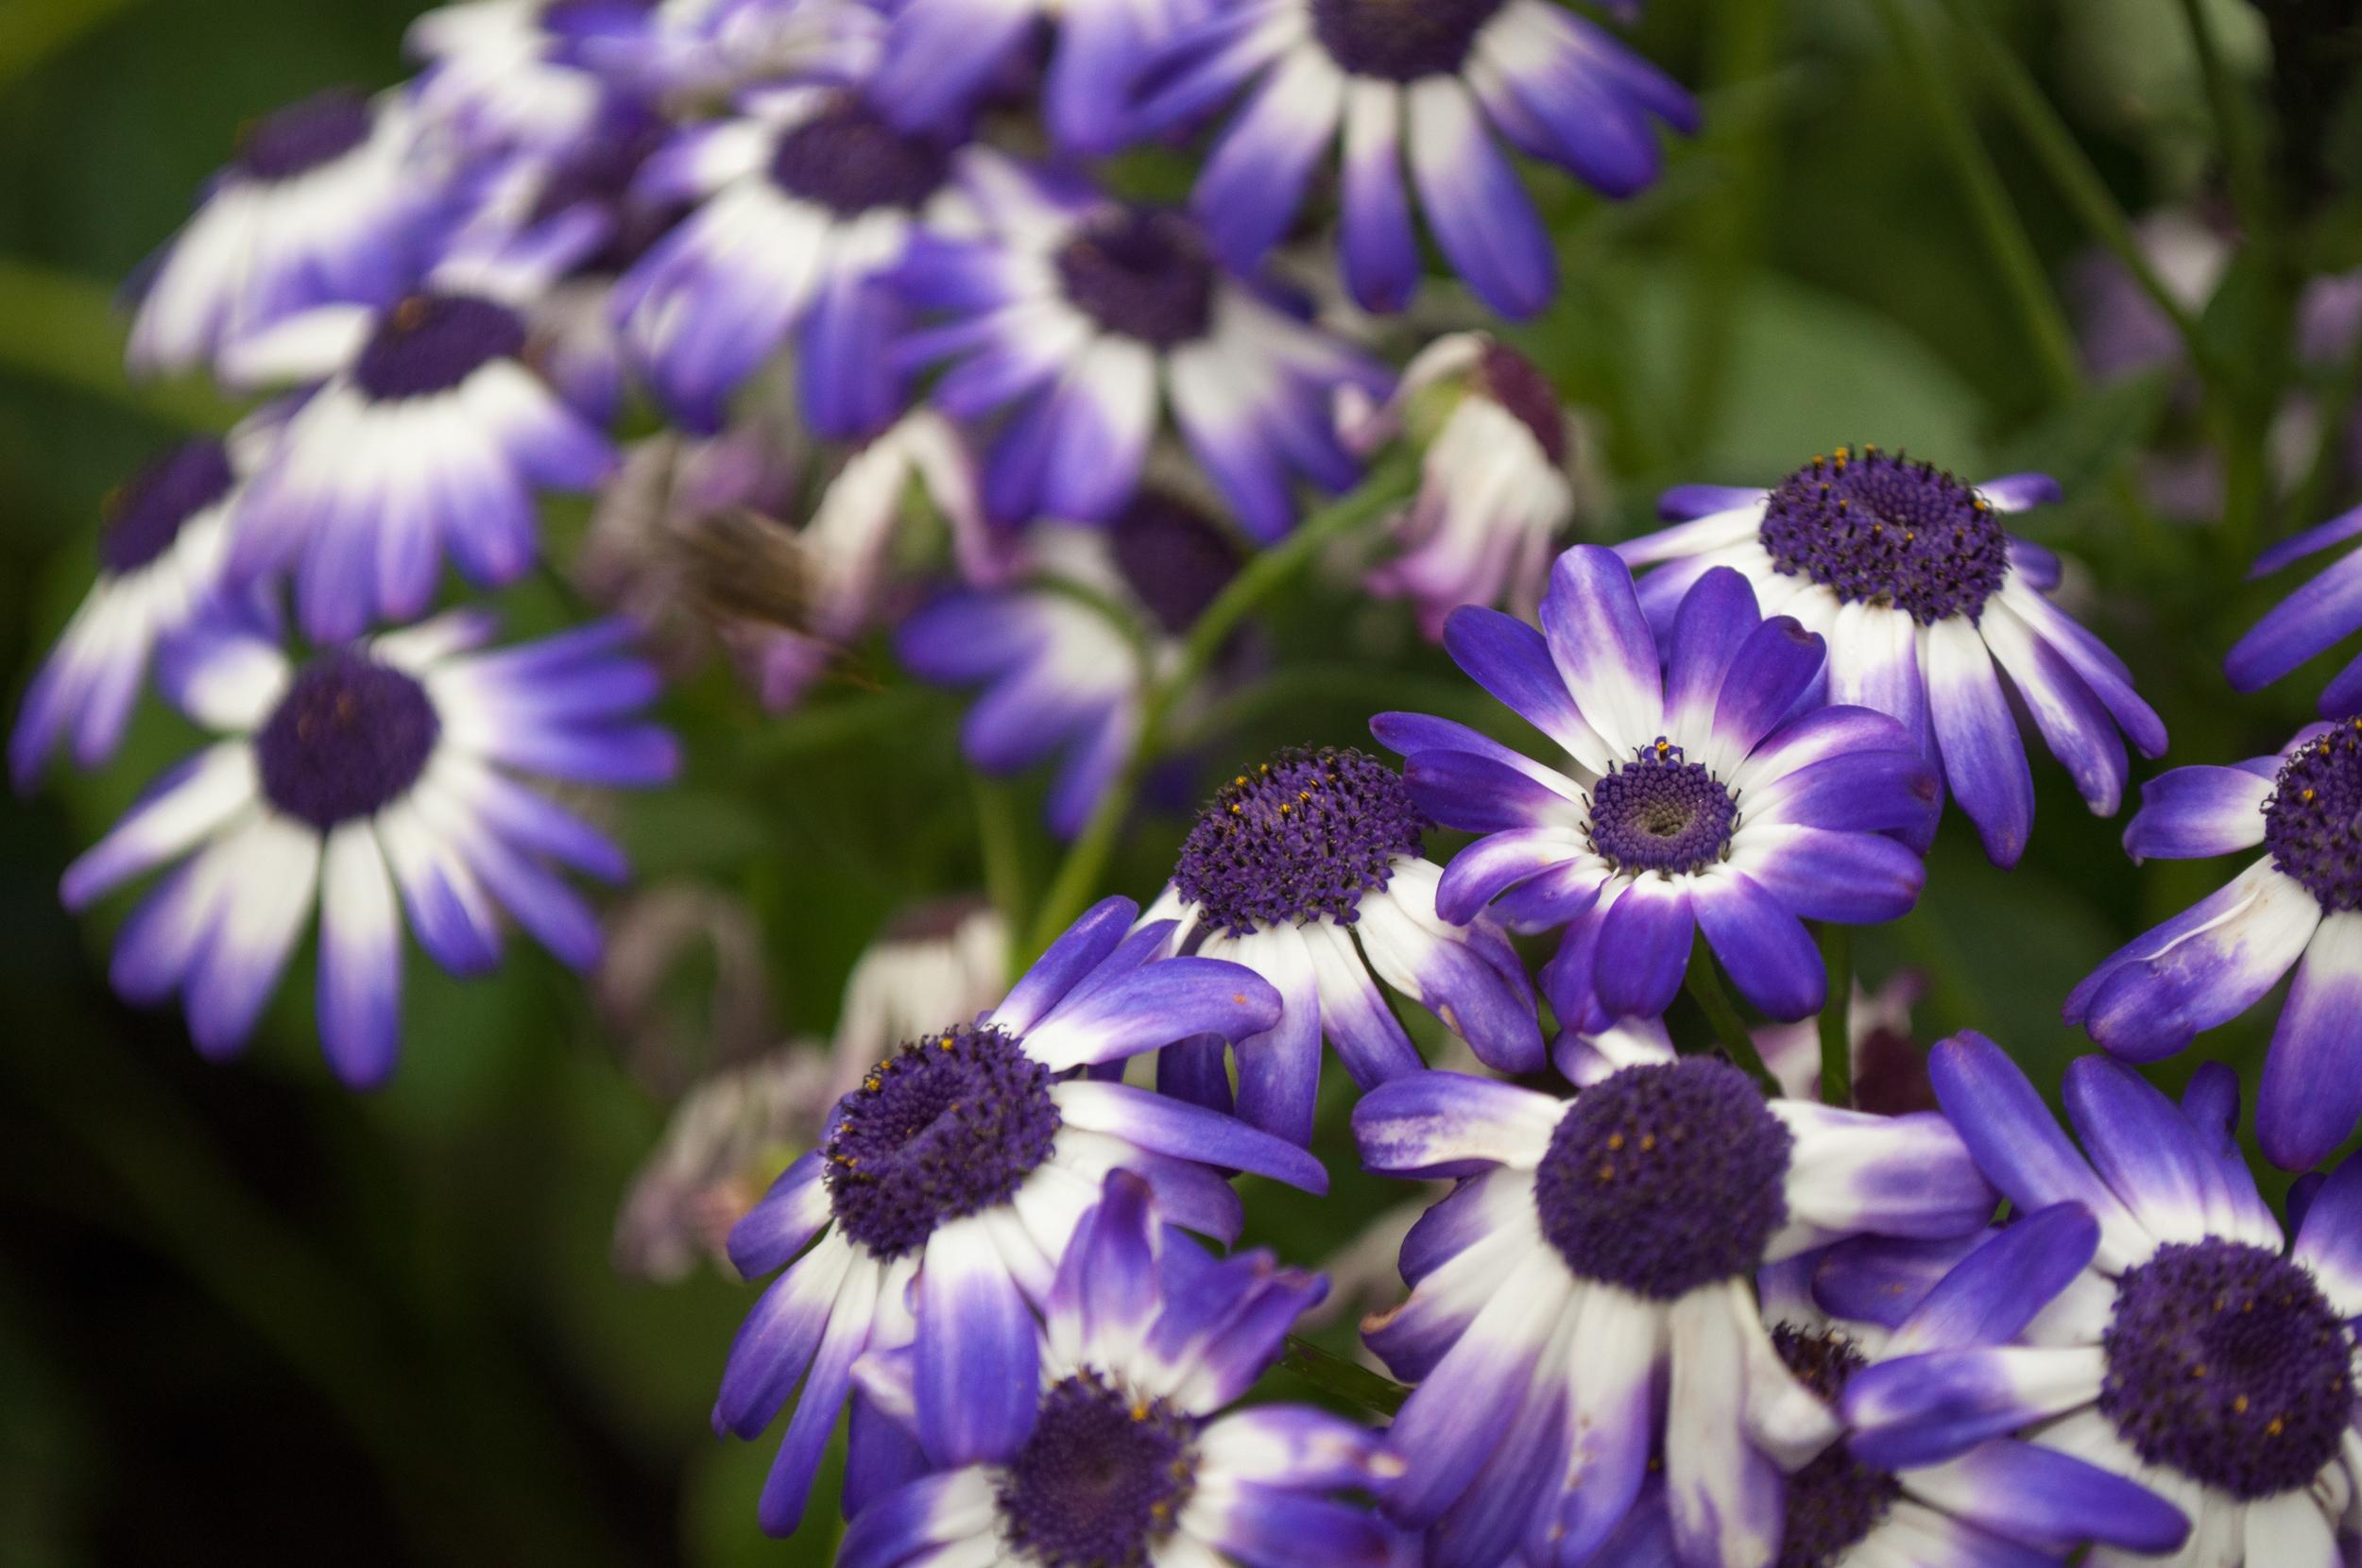 Kwiaty, Madera - 150420 - DSC_4143.JPG